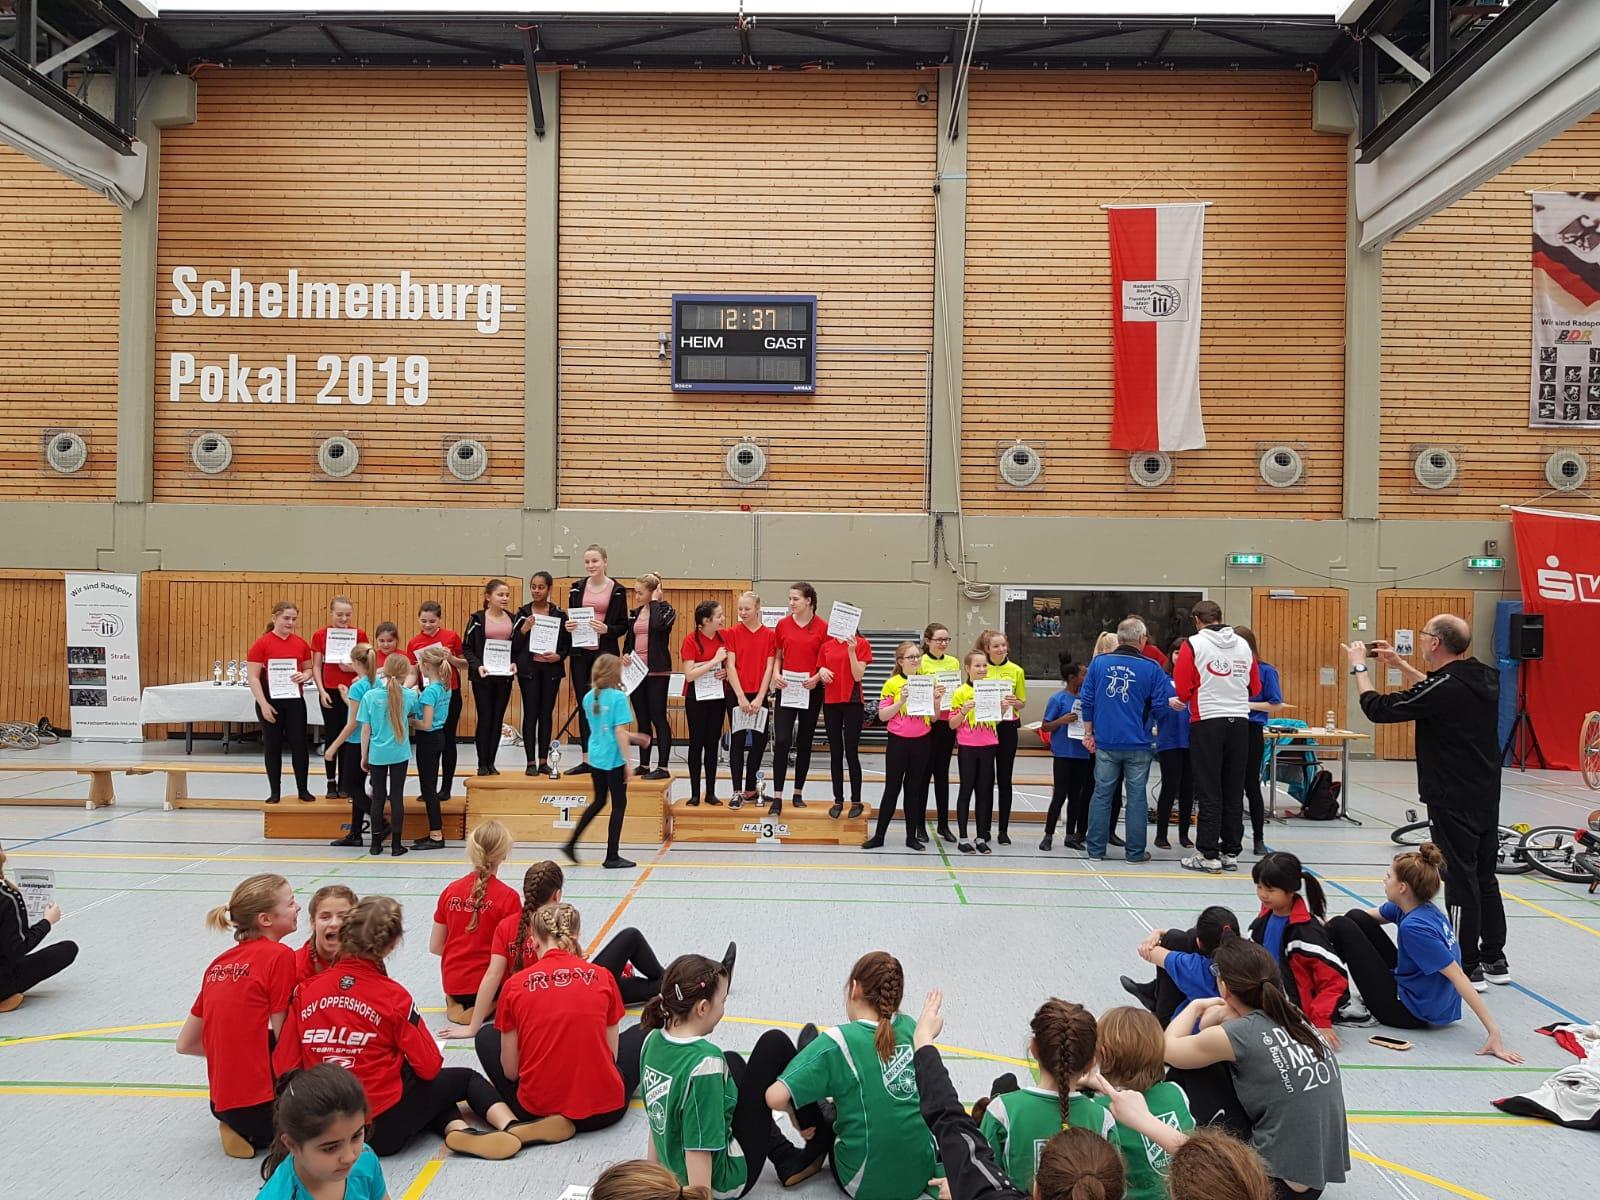 20190310_Schelmenburgpokal_5